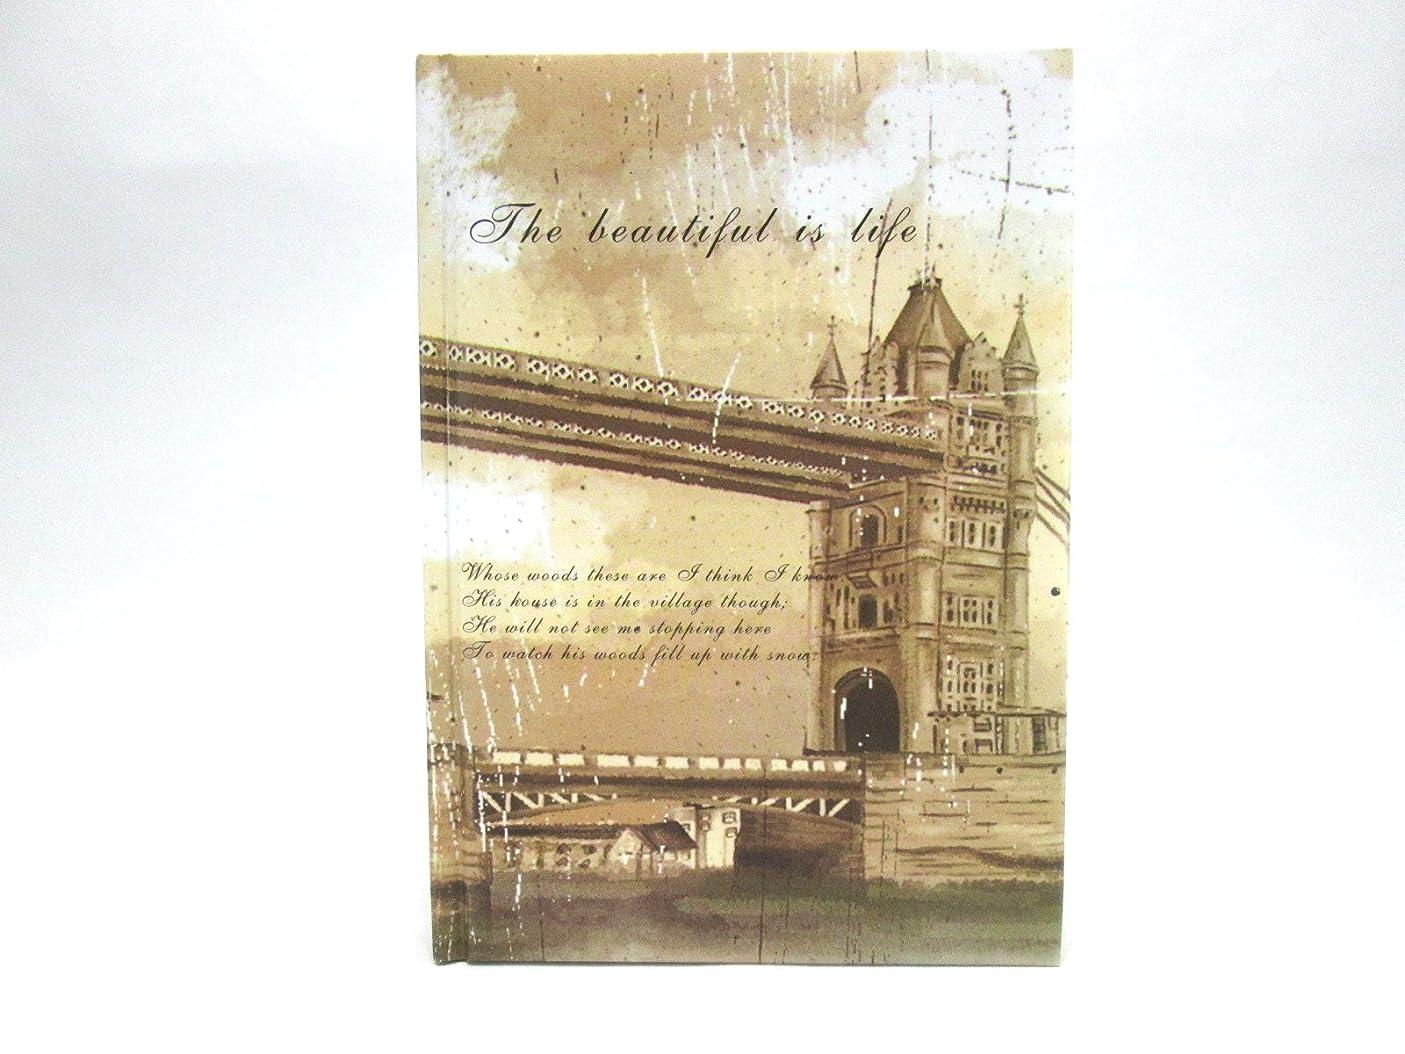 案件有名人アリーナ【Deli】 ノート 硬表紙 ヨーロッパの風景 A5サイズ (並行輸入品) (大橋)